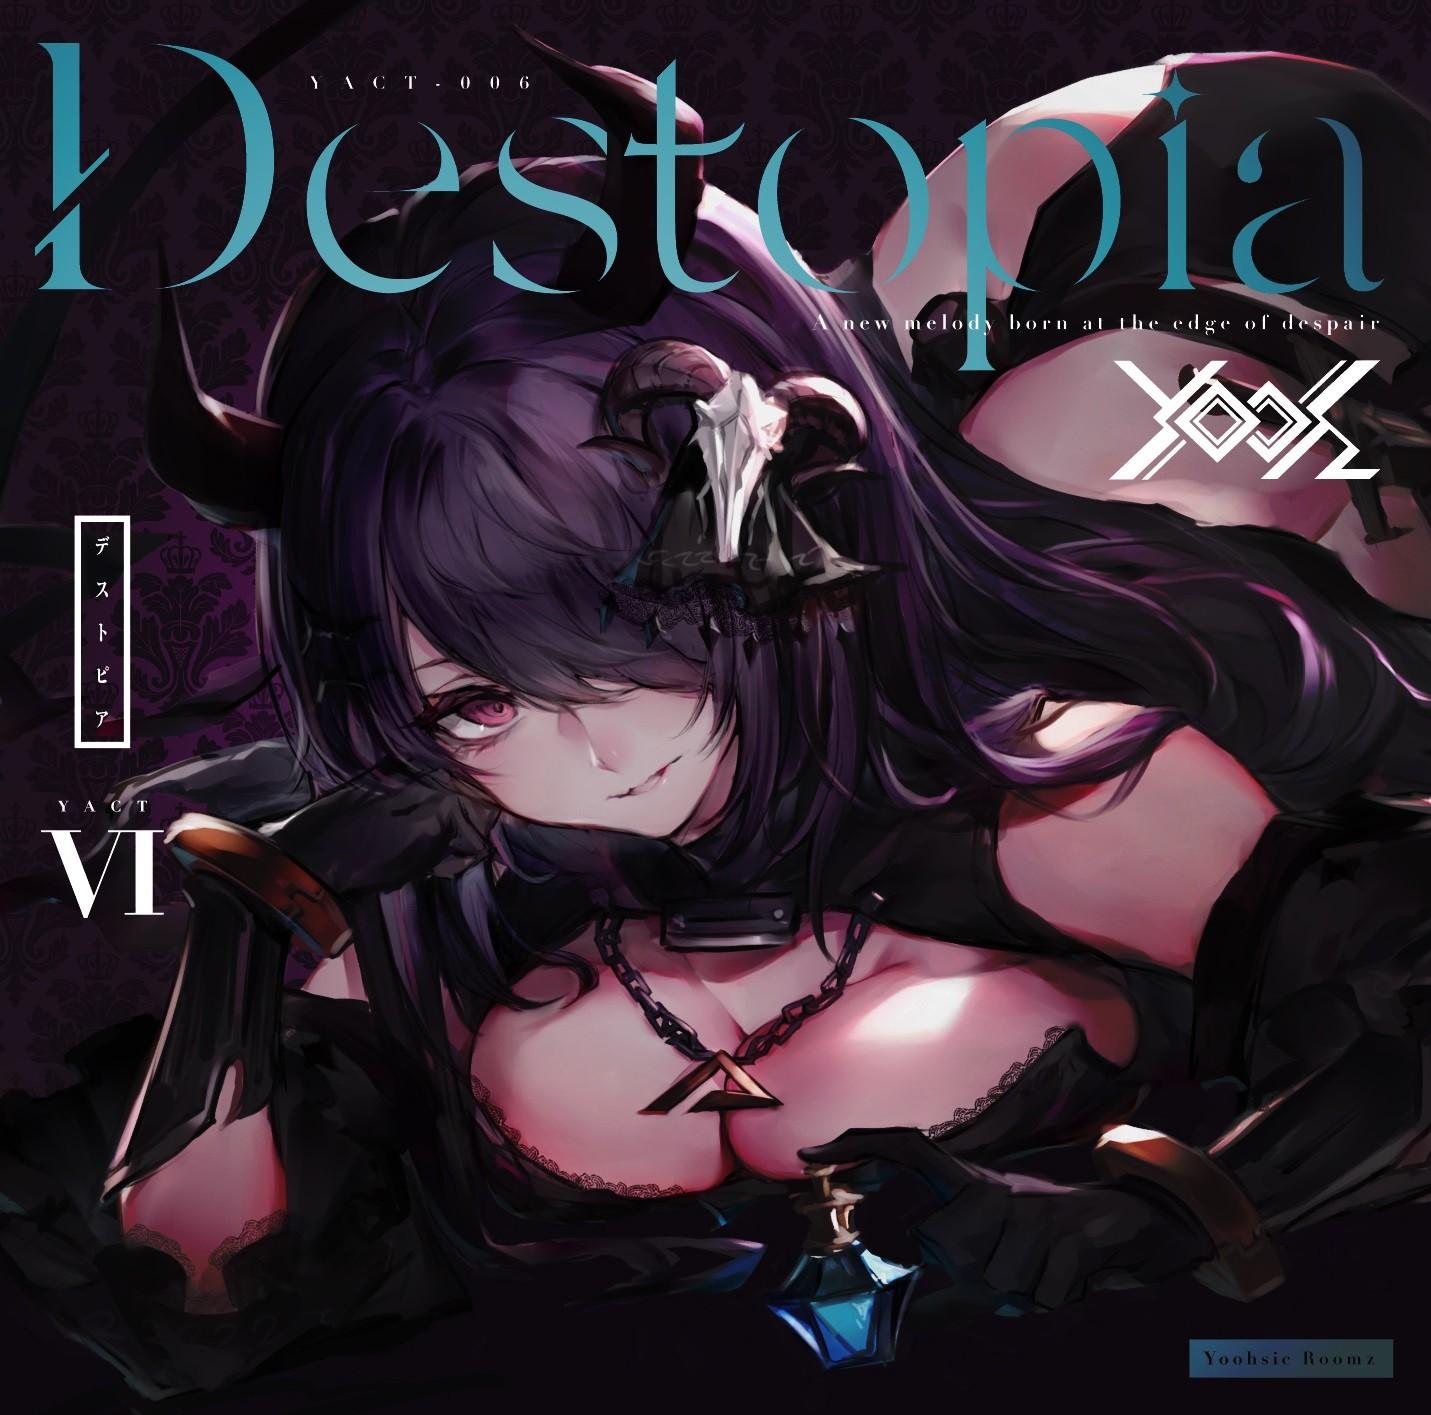 Yooh (ユー) – Destopia [FLAC + MP3 VBR / CD] [2018.08.10]